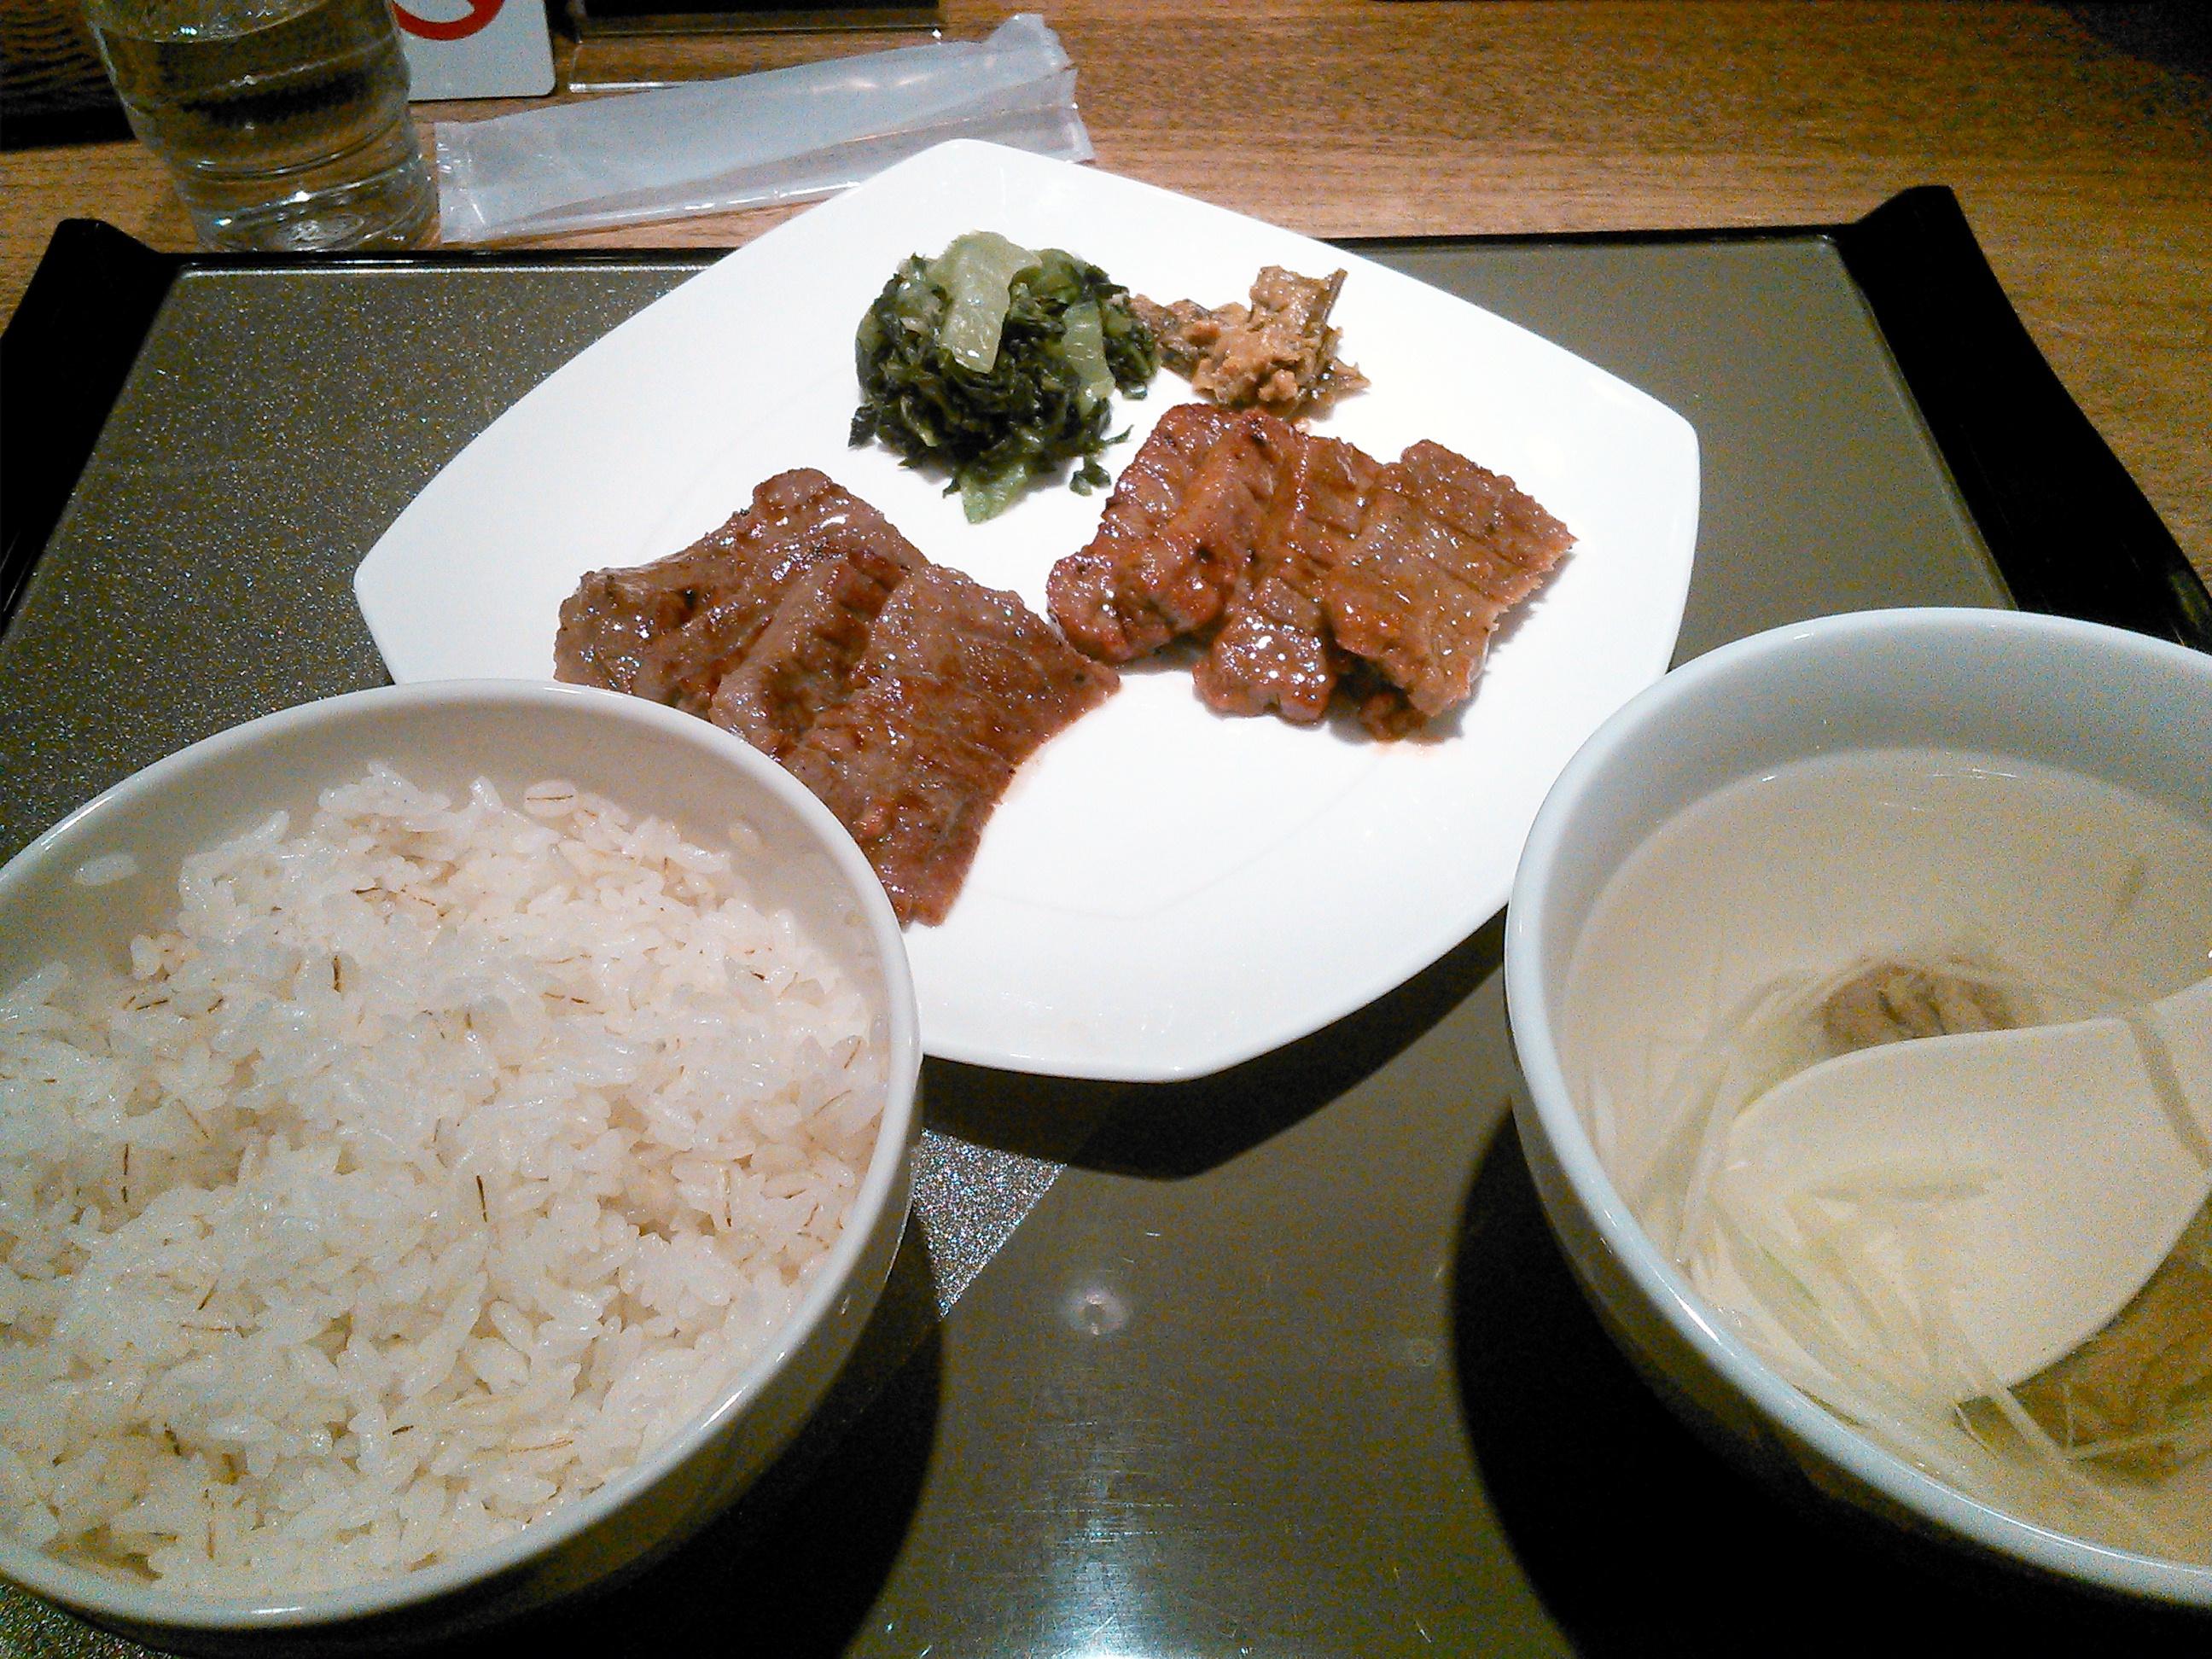 伊達の牛たん本舗の牛たん定食、塩、みそミックス